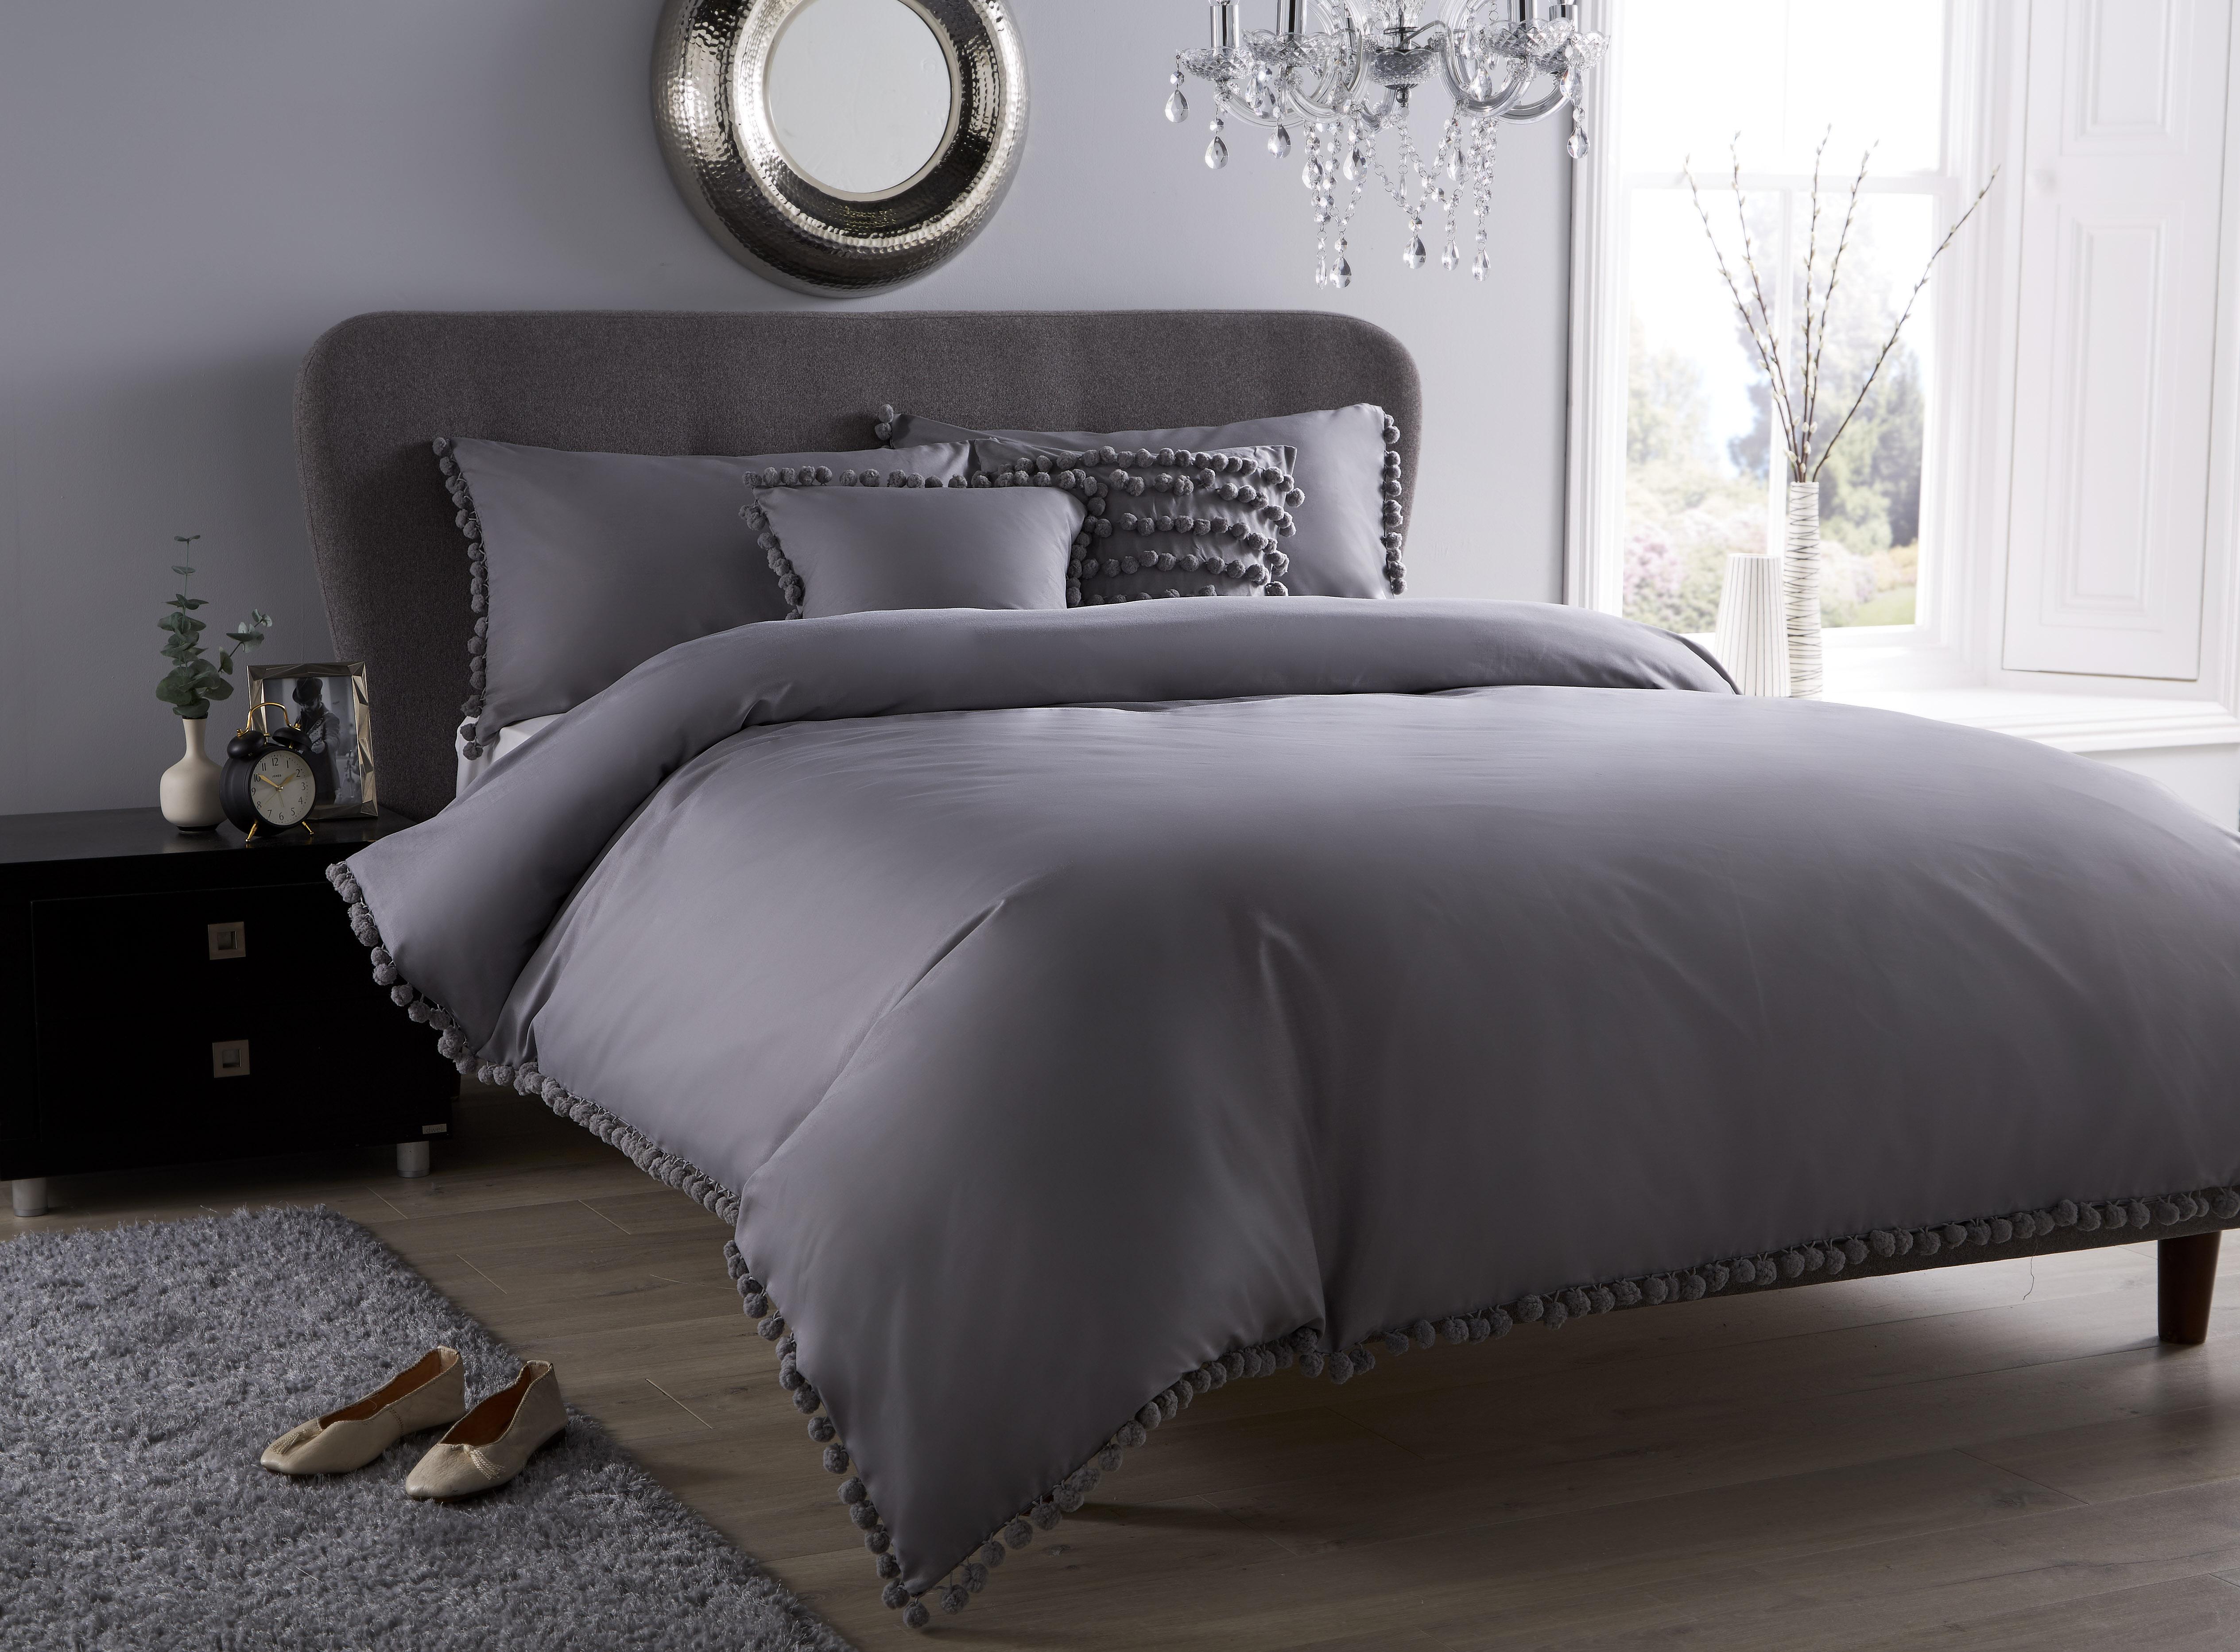 Pom Pom Design Duvet Cover Sets Art Bedding Amp Pillowcases